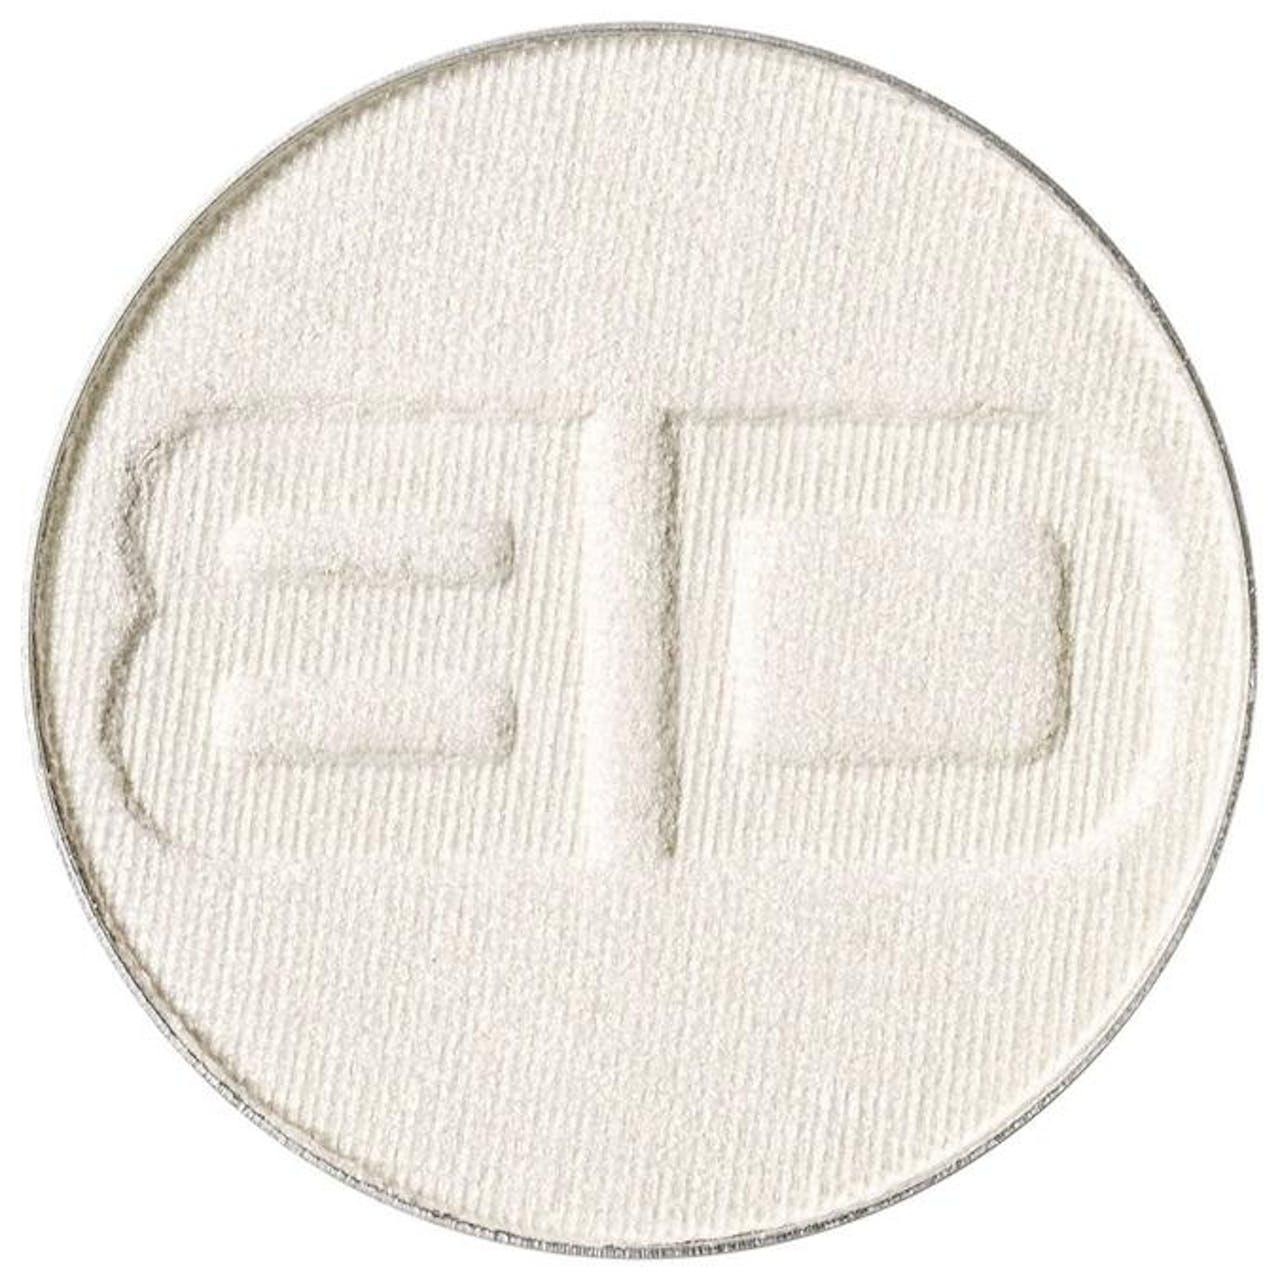 BD Puderpigment Organza Refill 2,5g - 5.40€/1g